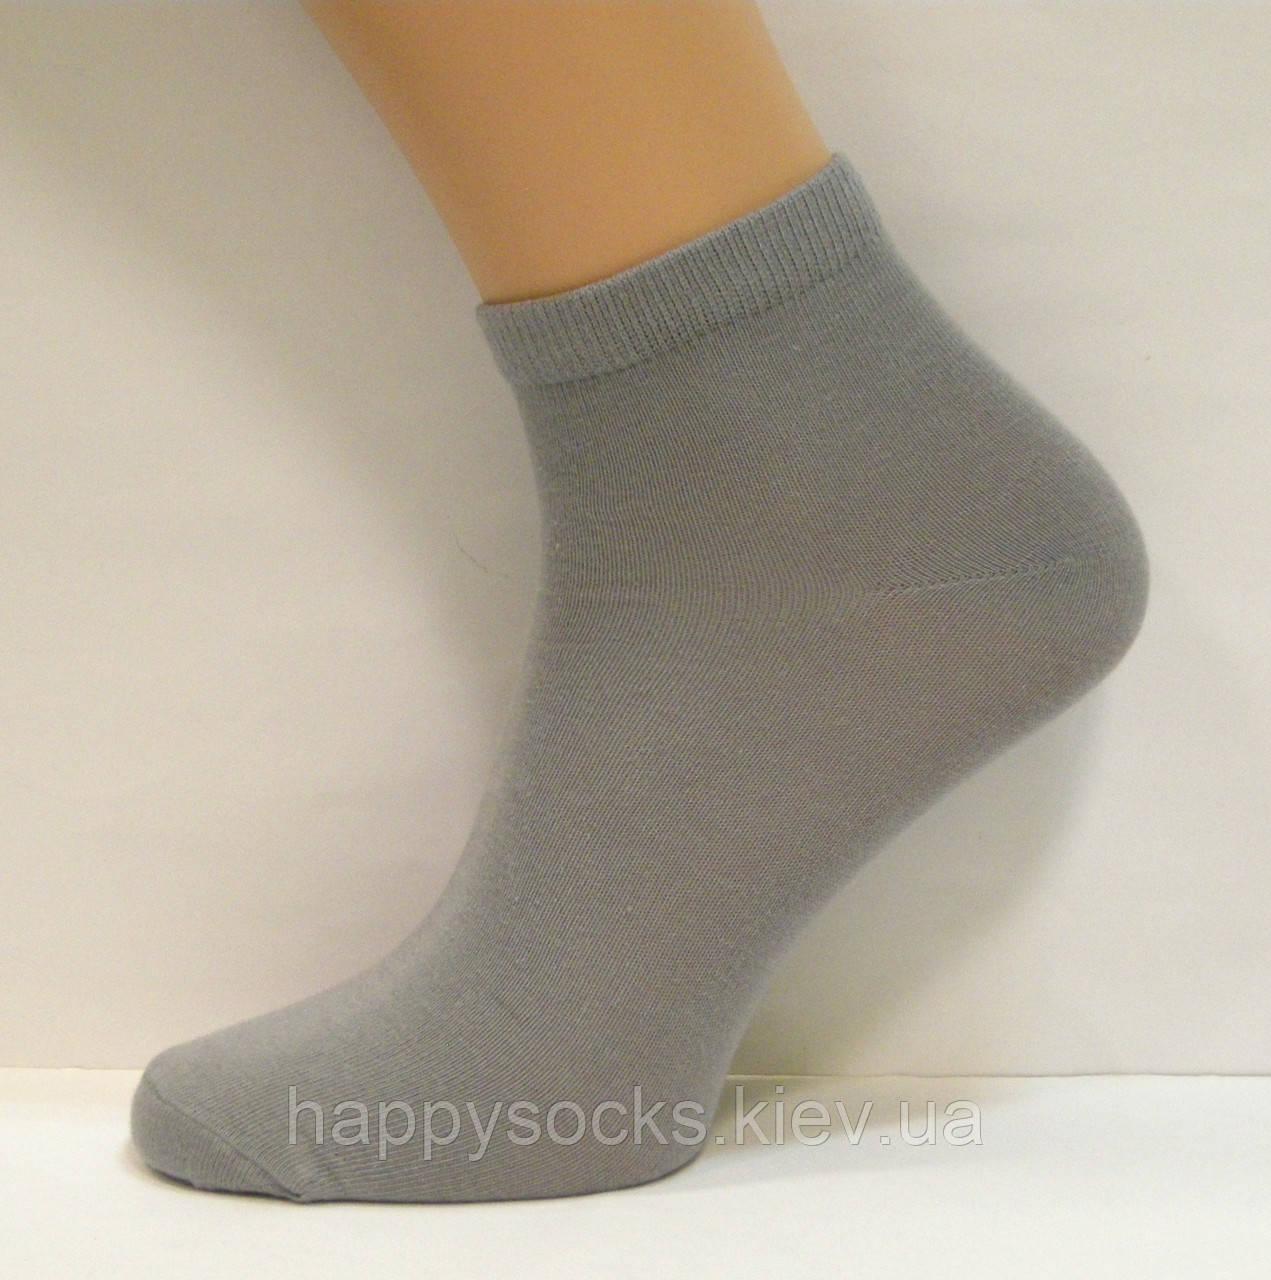 Женские носки заниженные серого цвета